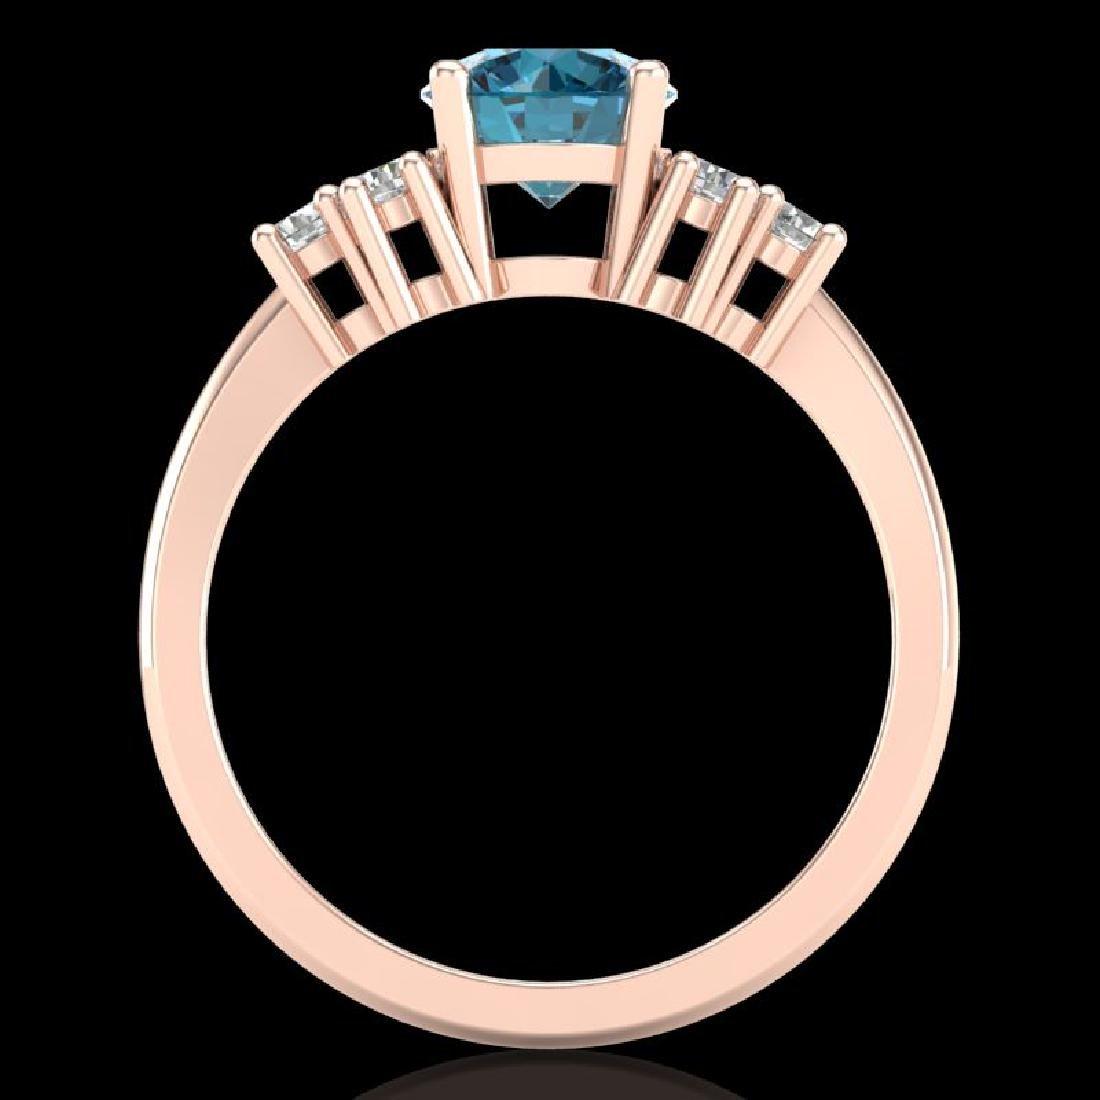 1.5 CTW Intense Blue Diamond Solitaire Engagement - 3